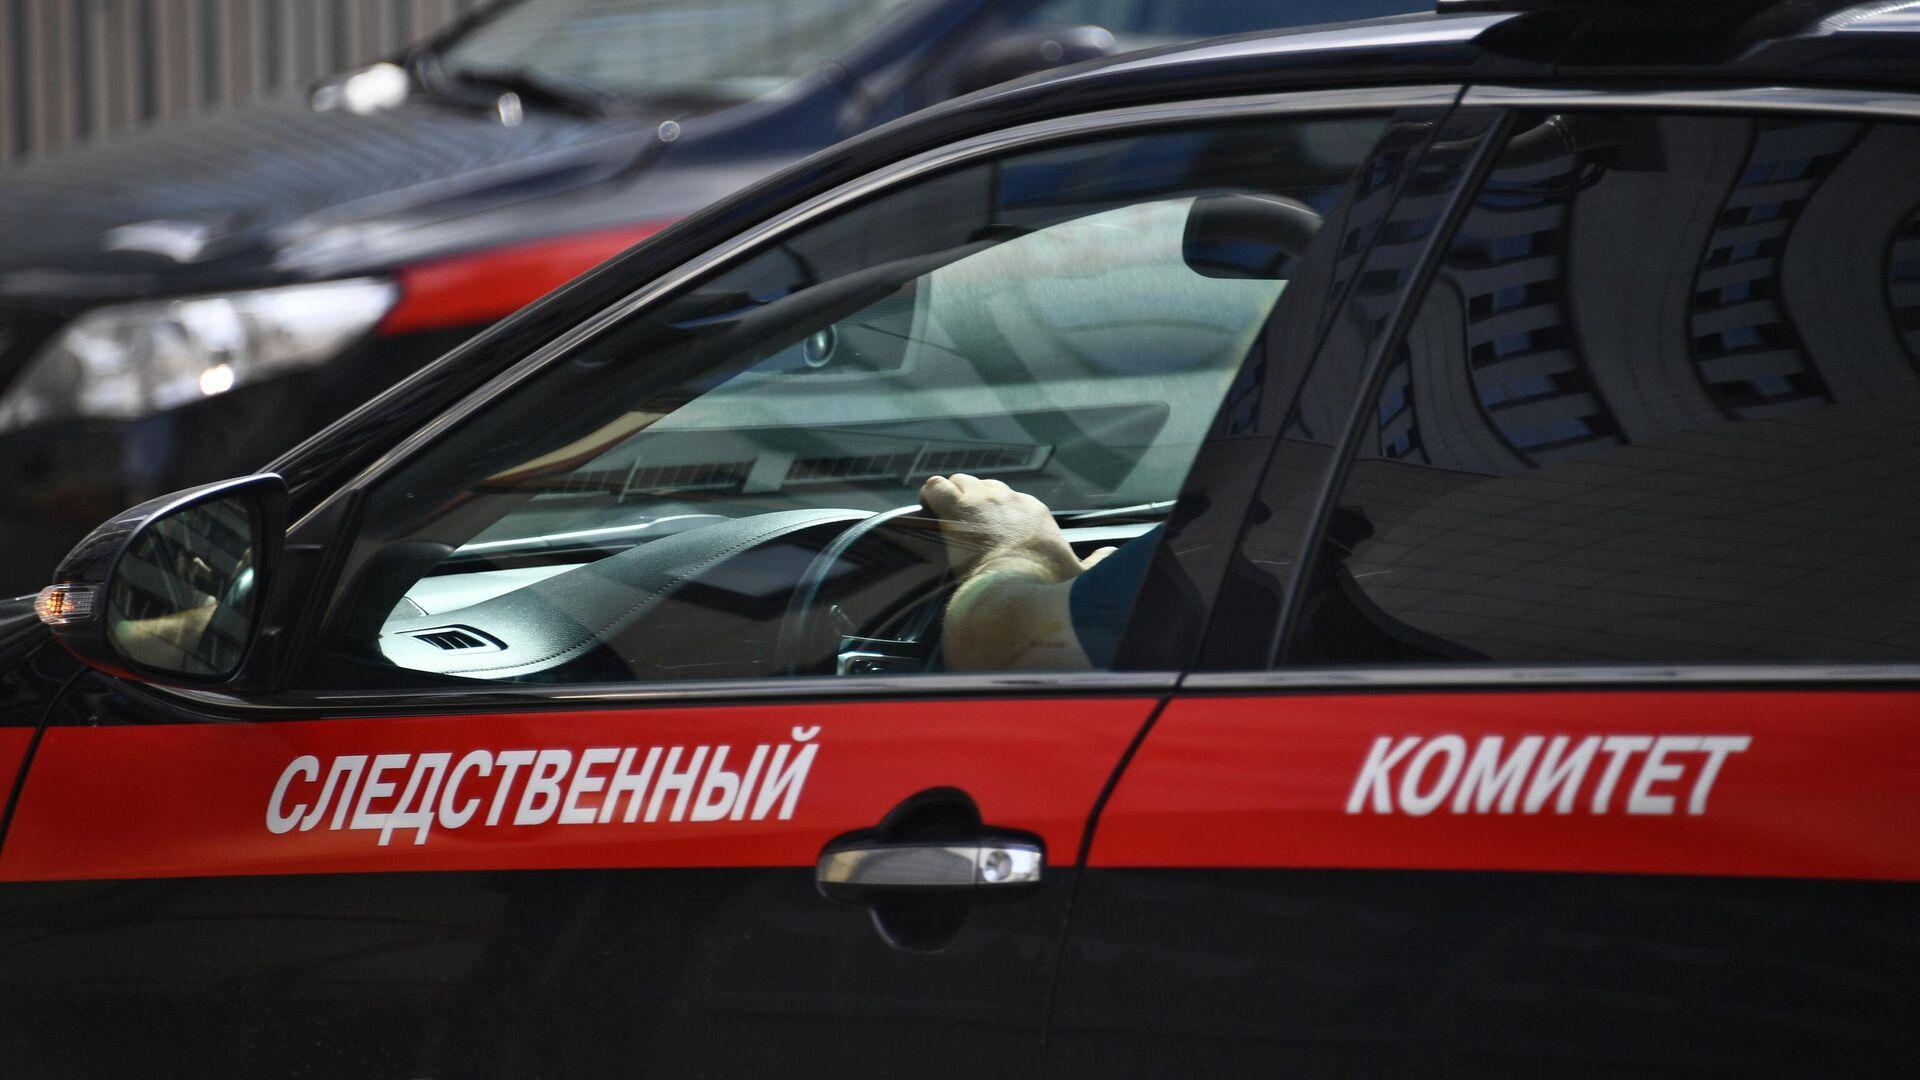 Автомобиль Следственного комитета РФ - РИА Новости, 1920, 04.11.2020